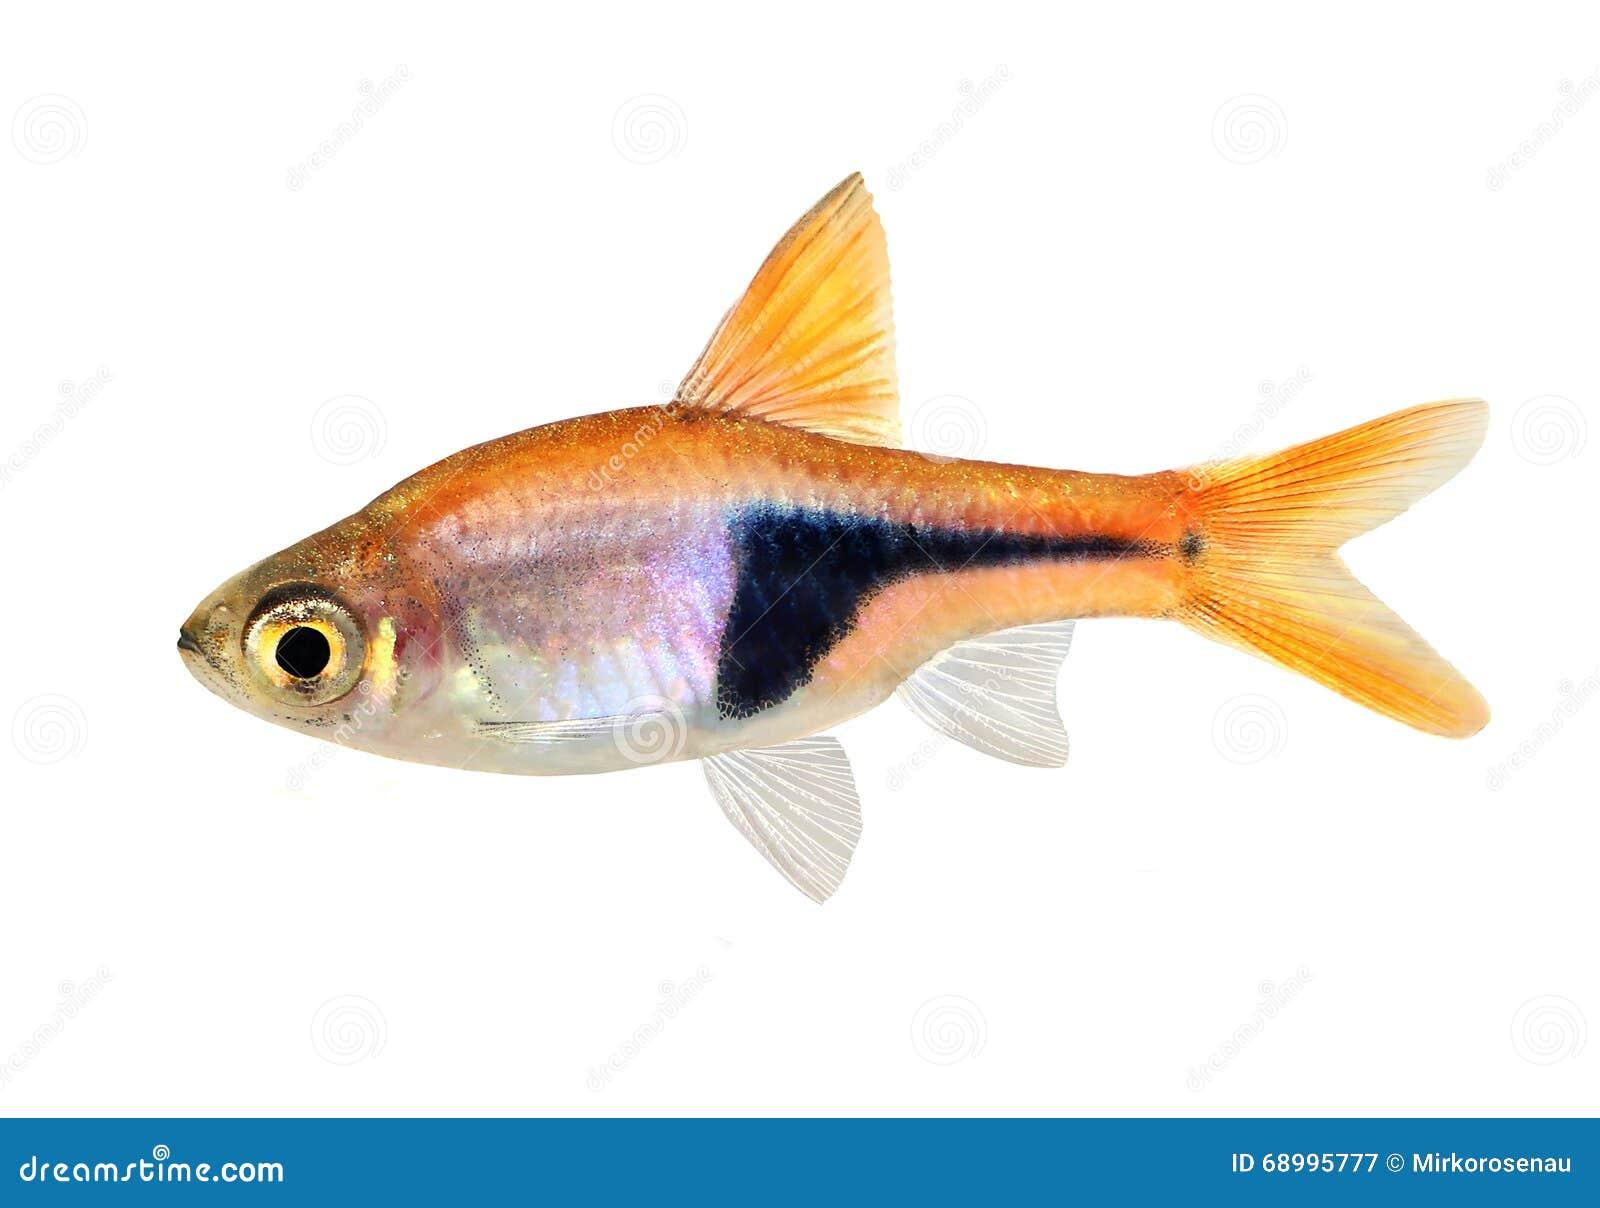 Freshwater aquarium fish rasbora - Rasbora Het Harlequin Rasbora Heteromorpha Freshwater Aquarium Fish